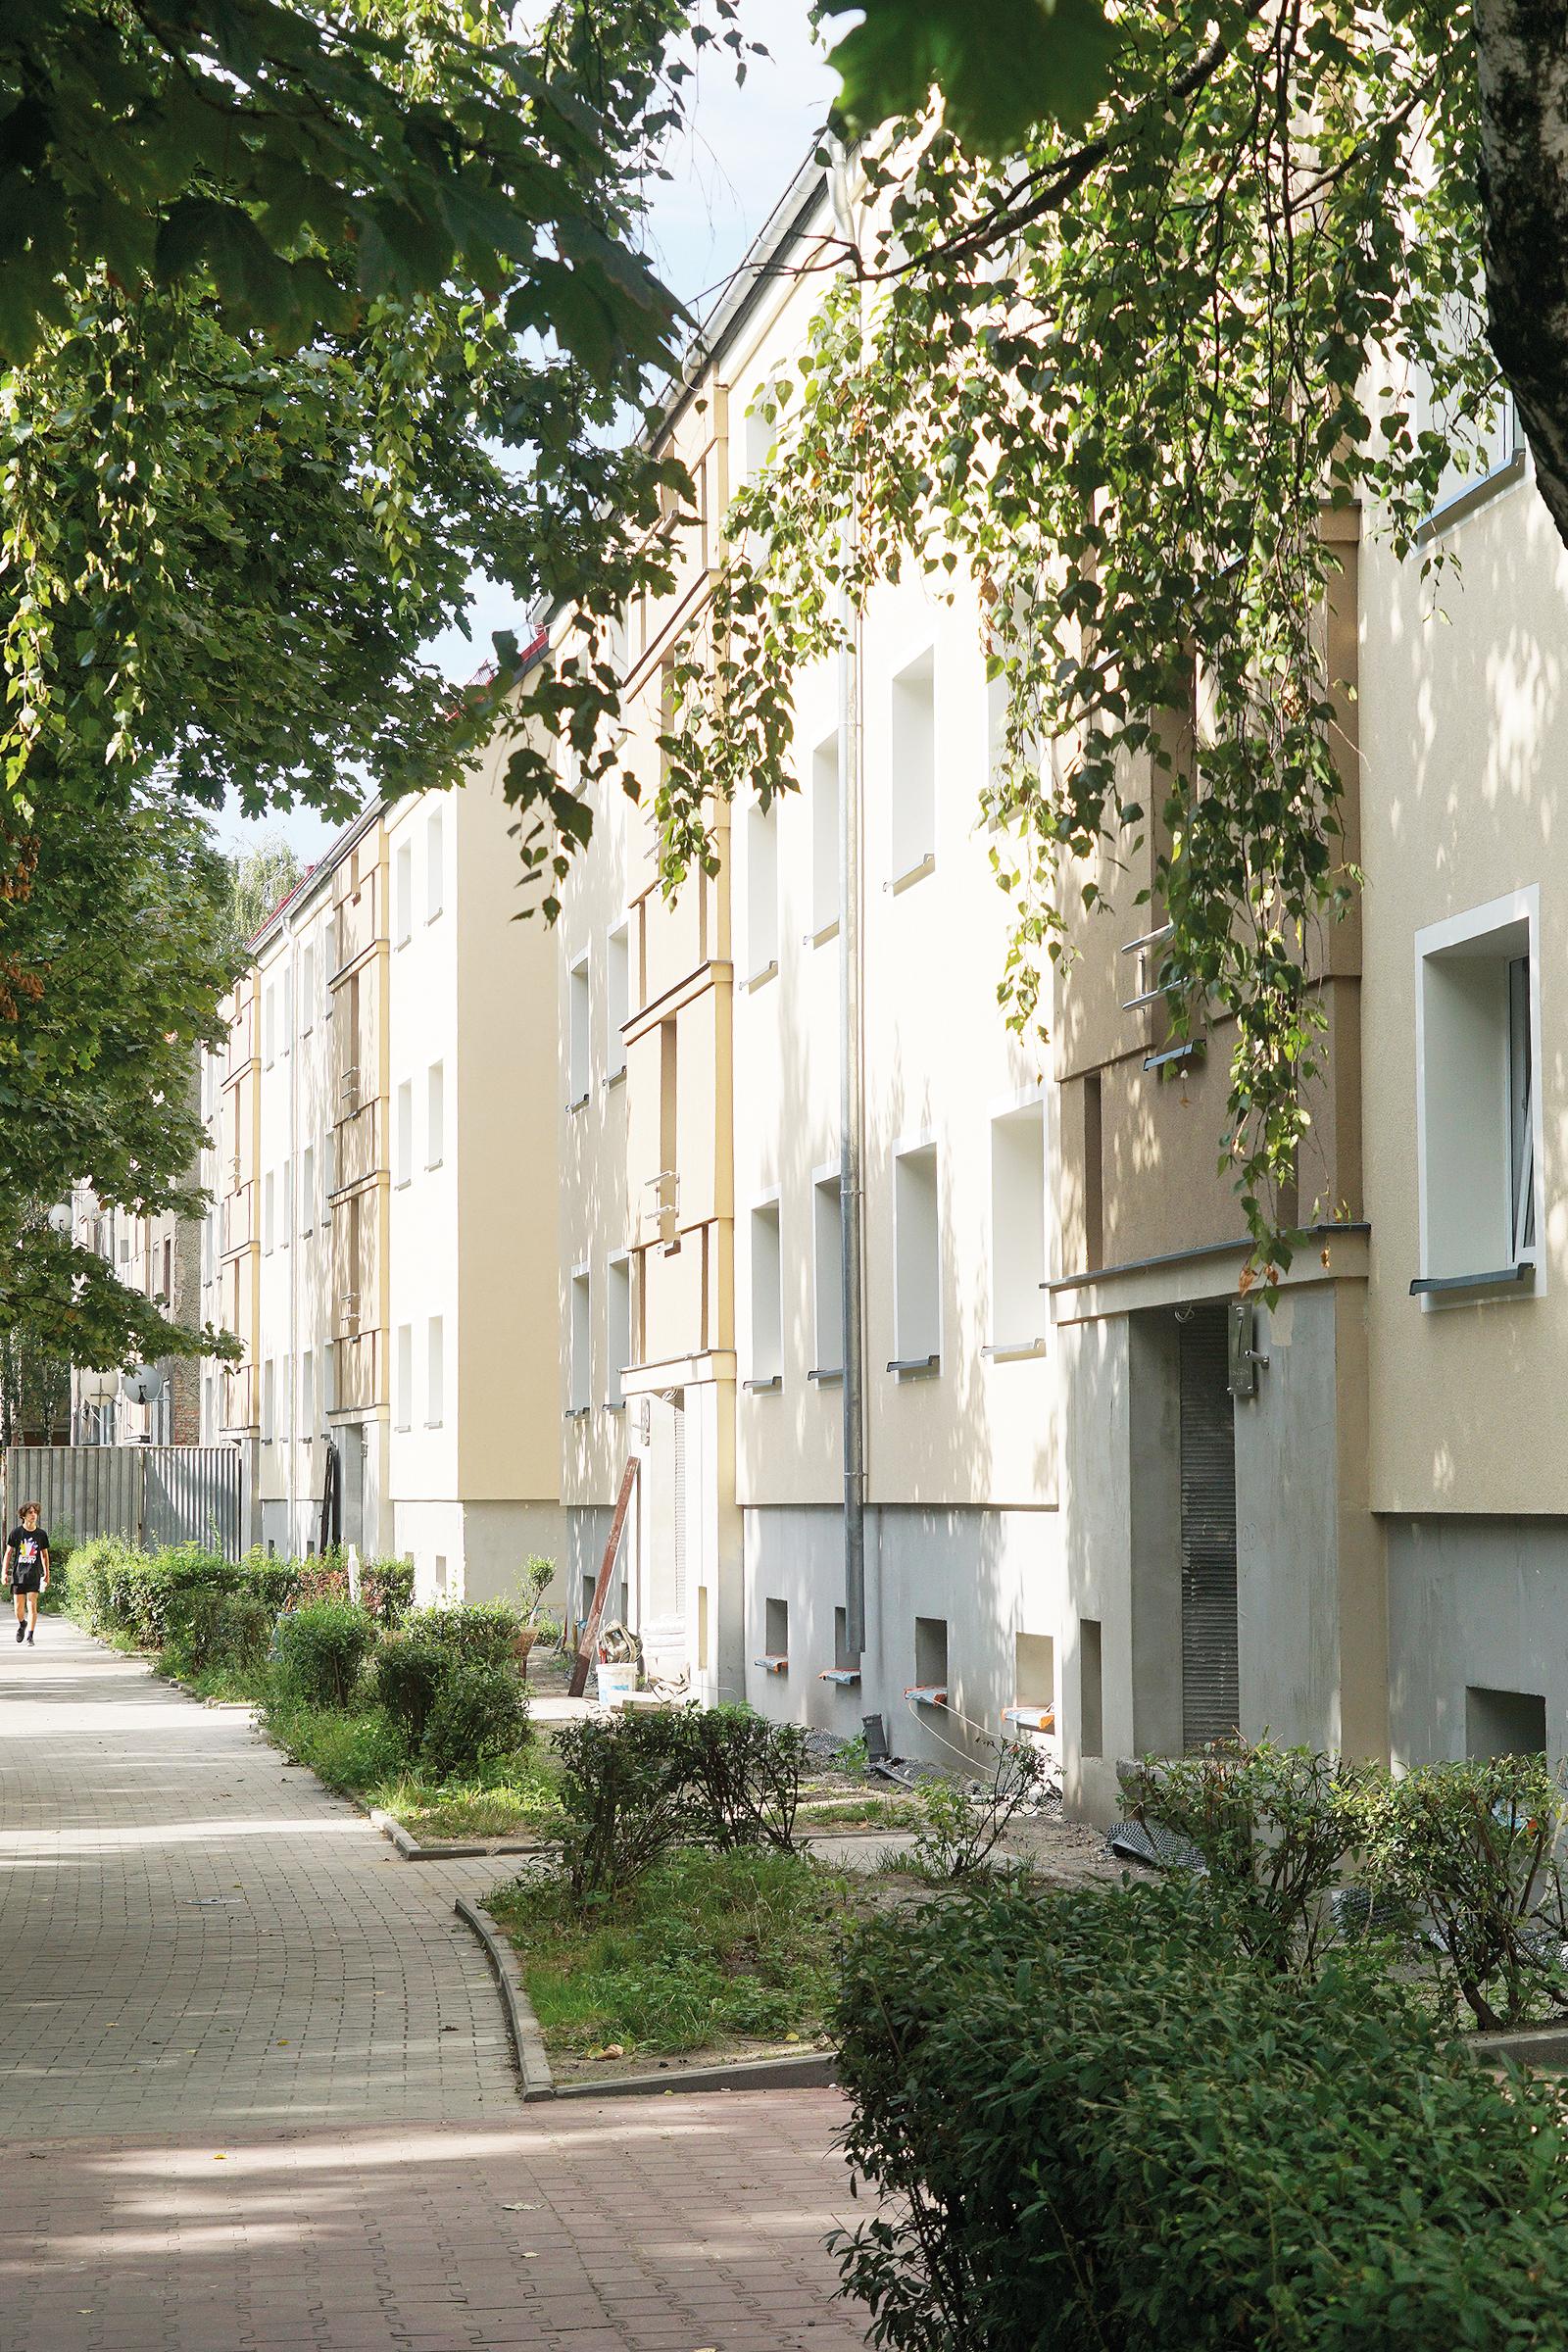 Zmodernizowane budynki przy ul. Skłodowskiej